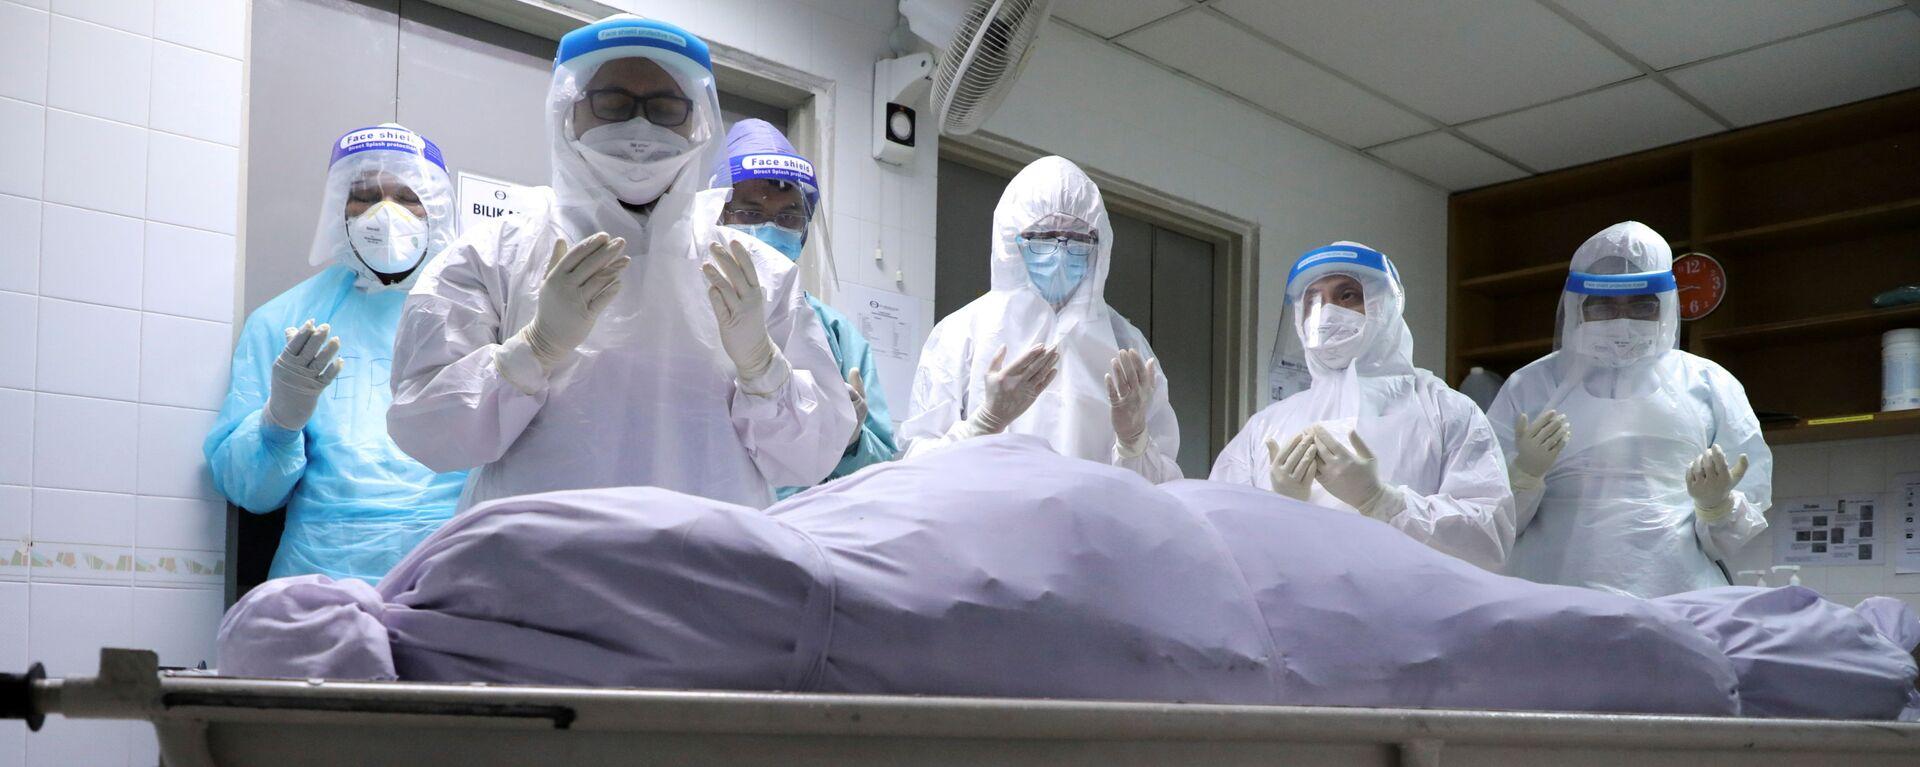 Người nhà của một nạn nhân chết vì COVID đang cầu nguyện tại nhà xác bệnh viện ở Kuala Lumpur, Malaysia. - Sputnik Việt Nam, 1920, 09.06.2021